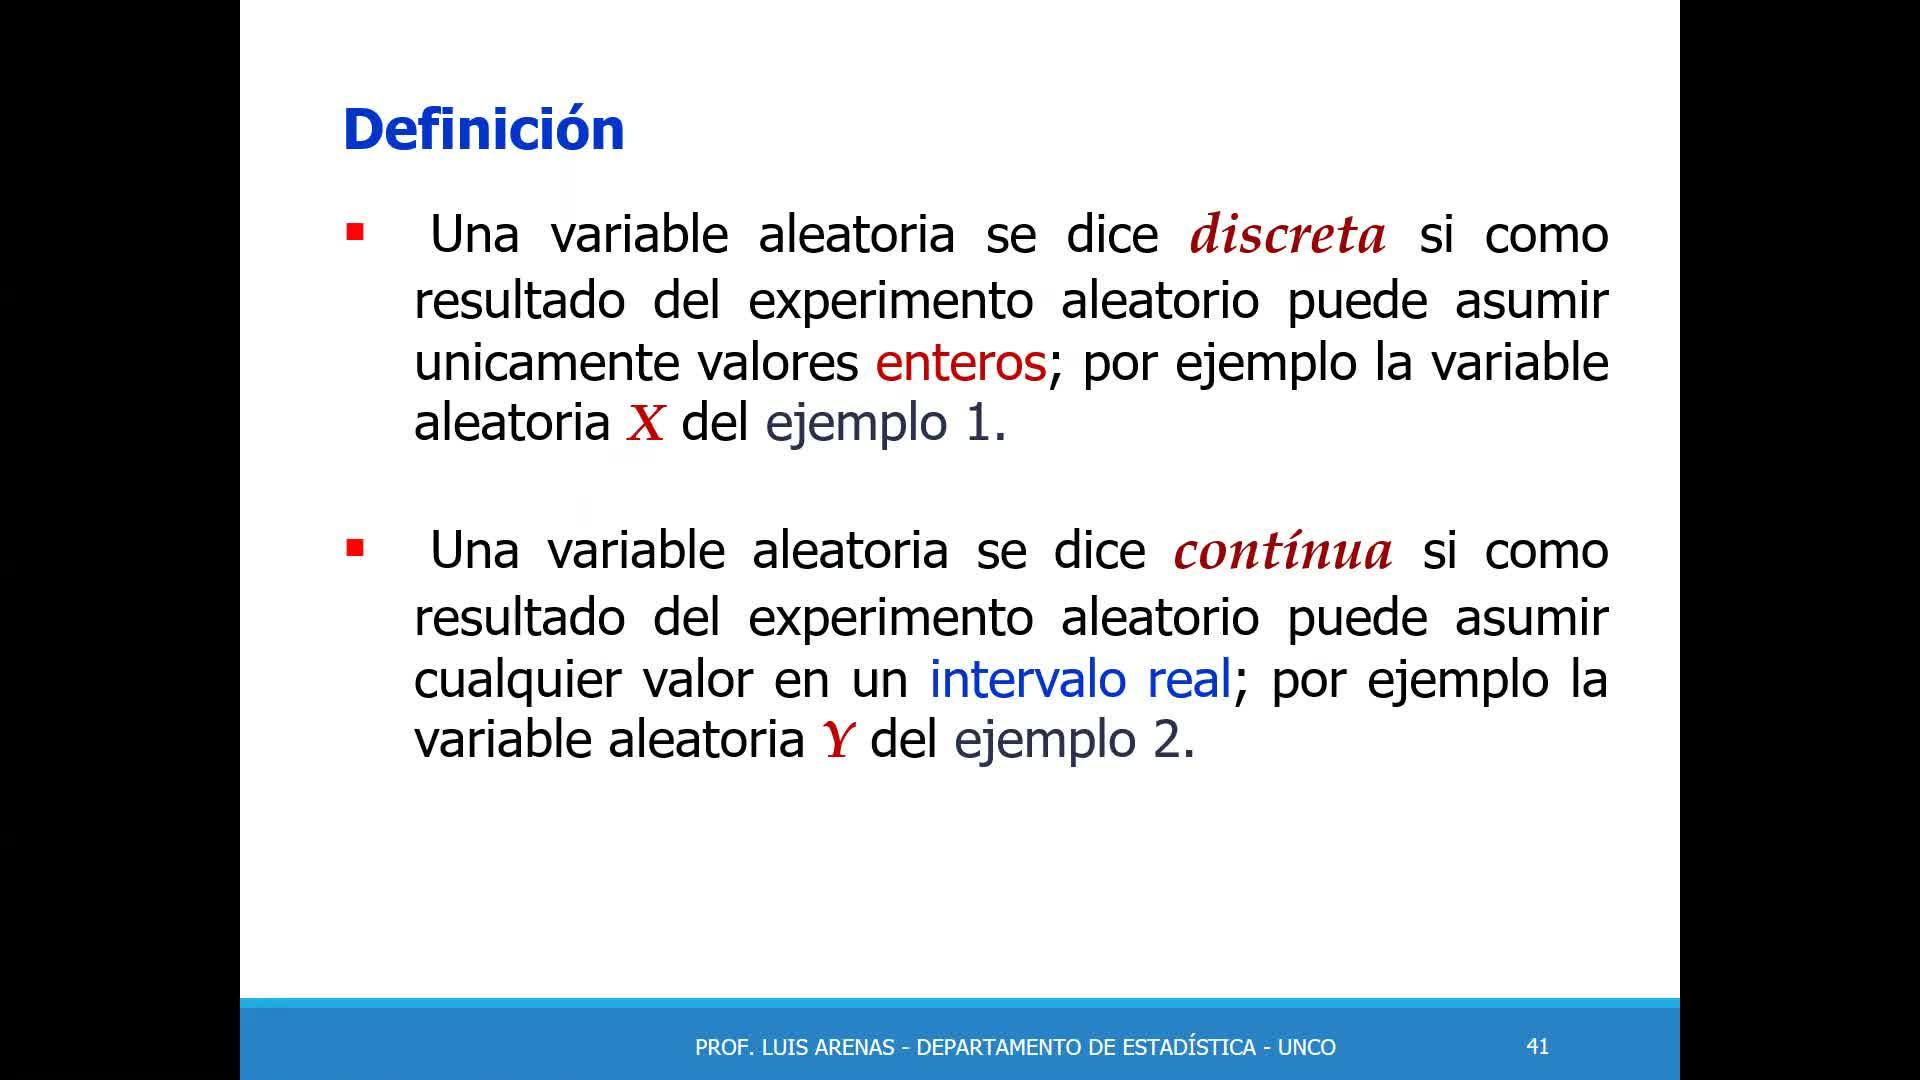 2021-04-16 Pt.1 - Teoría (Variable aleatoria y modelos discretos)